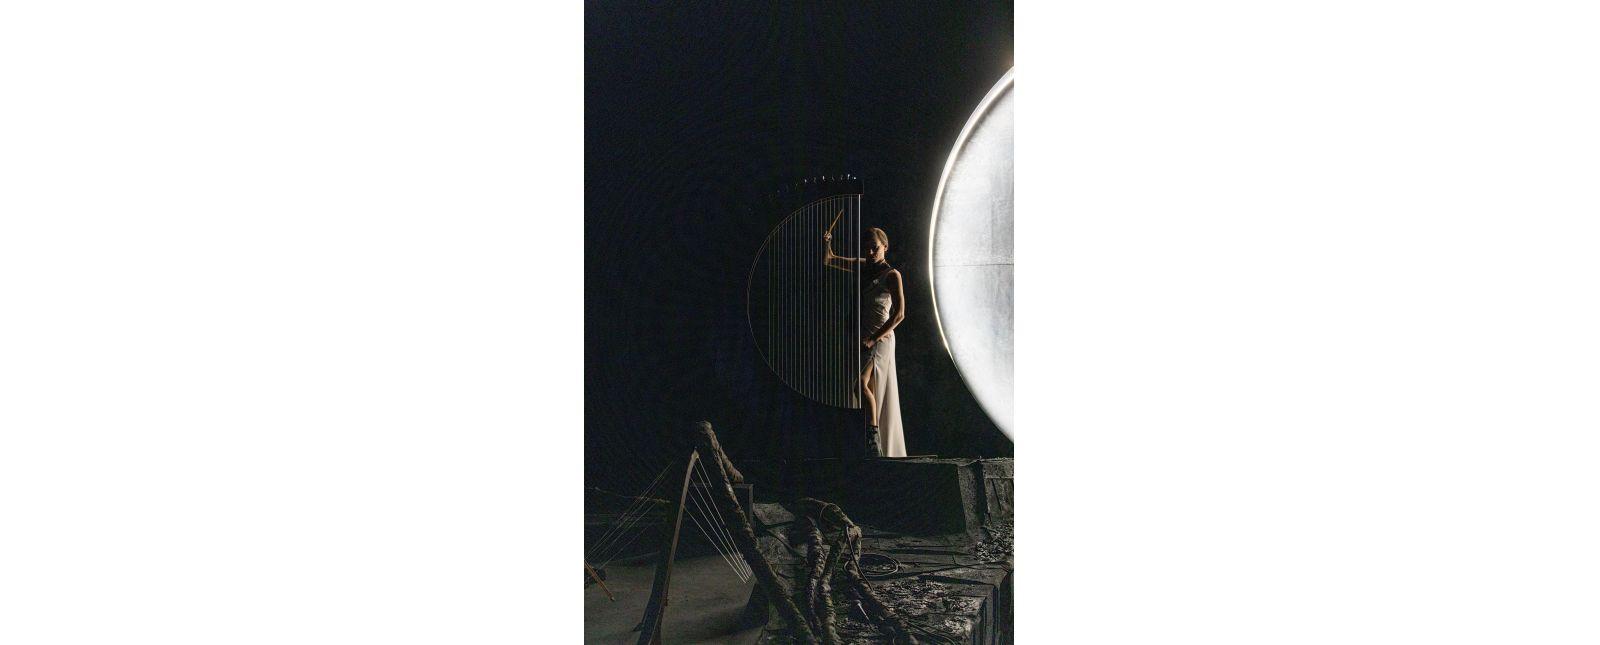 ELEKTRA // Stefanie Mrachacz // 2020 // Britt Schilling